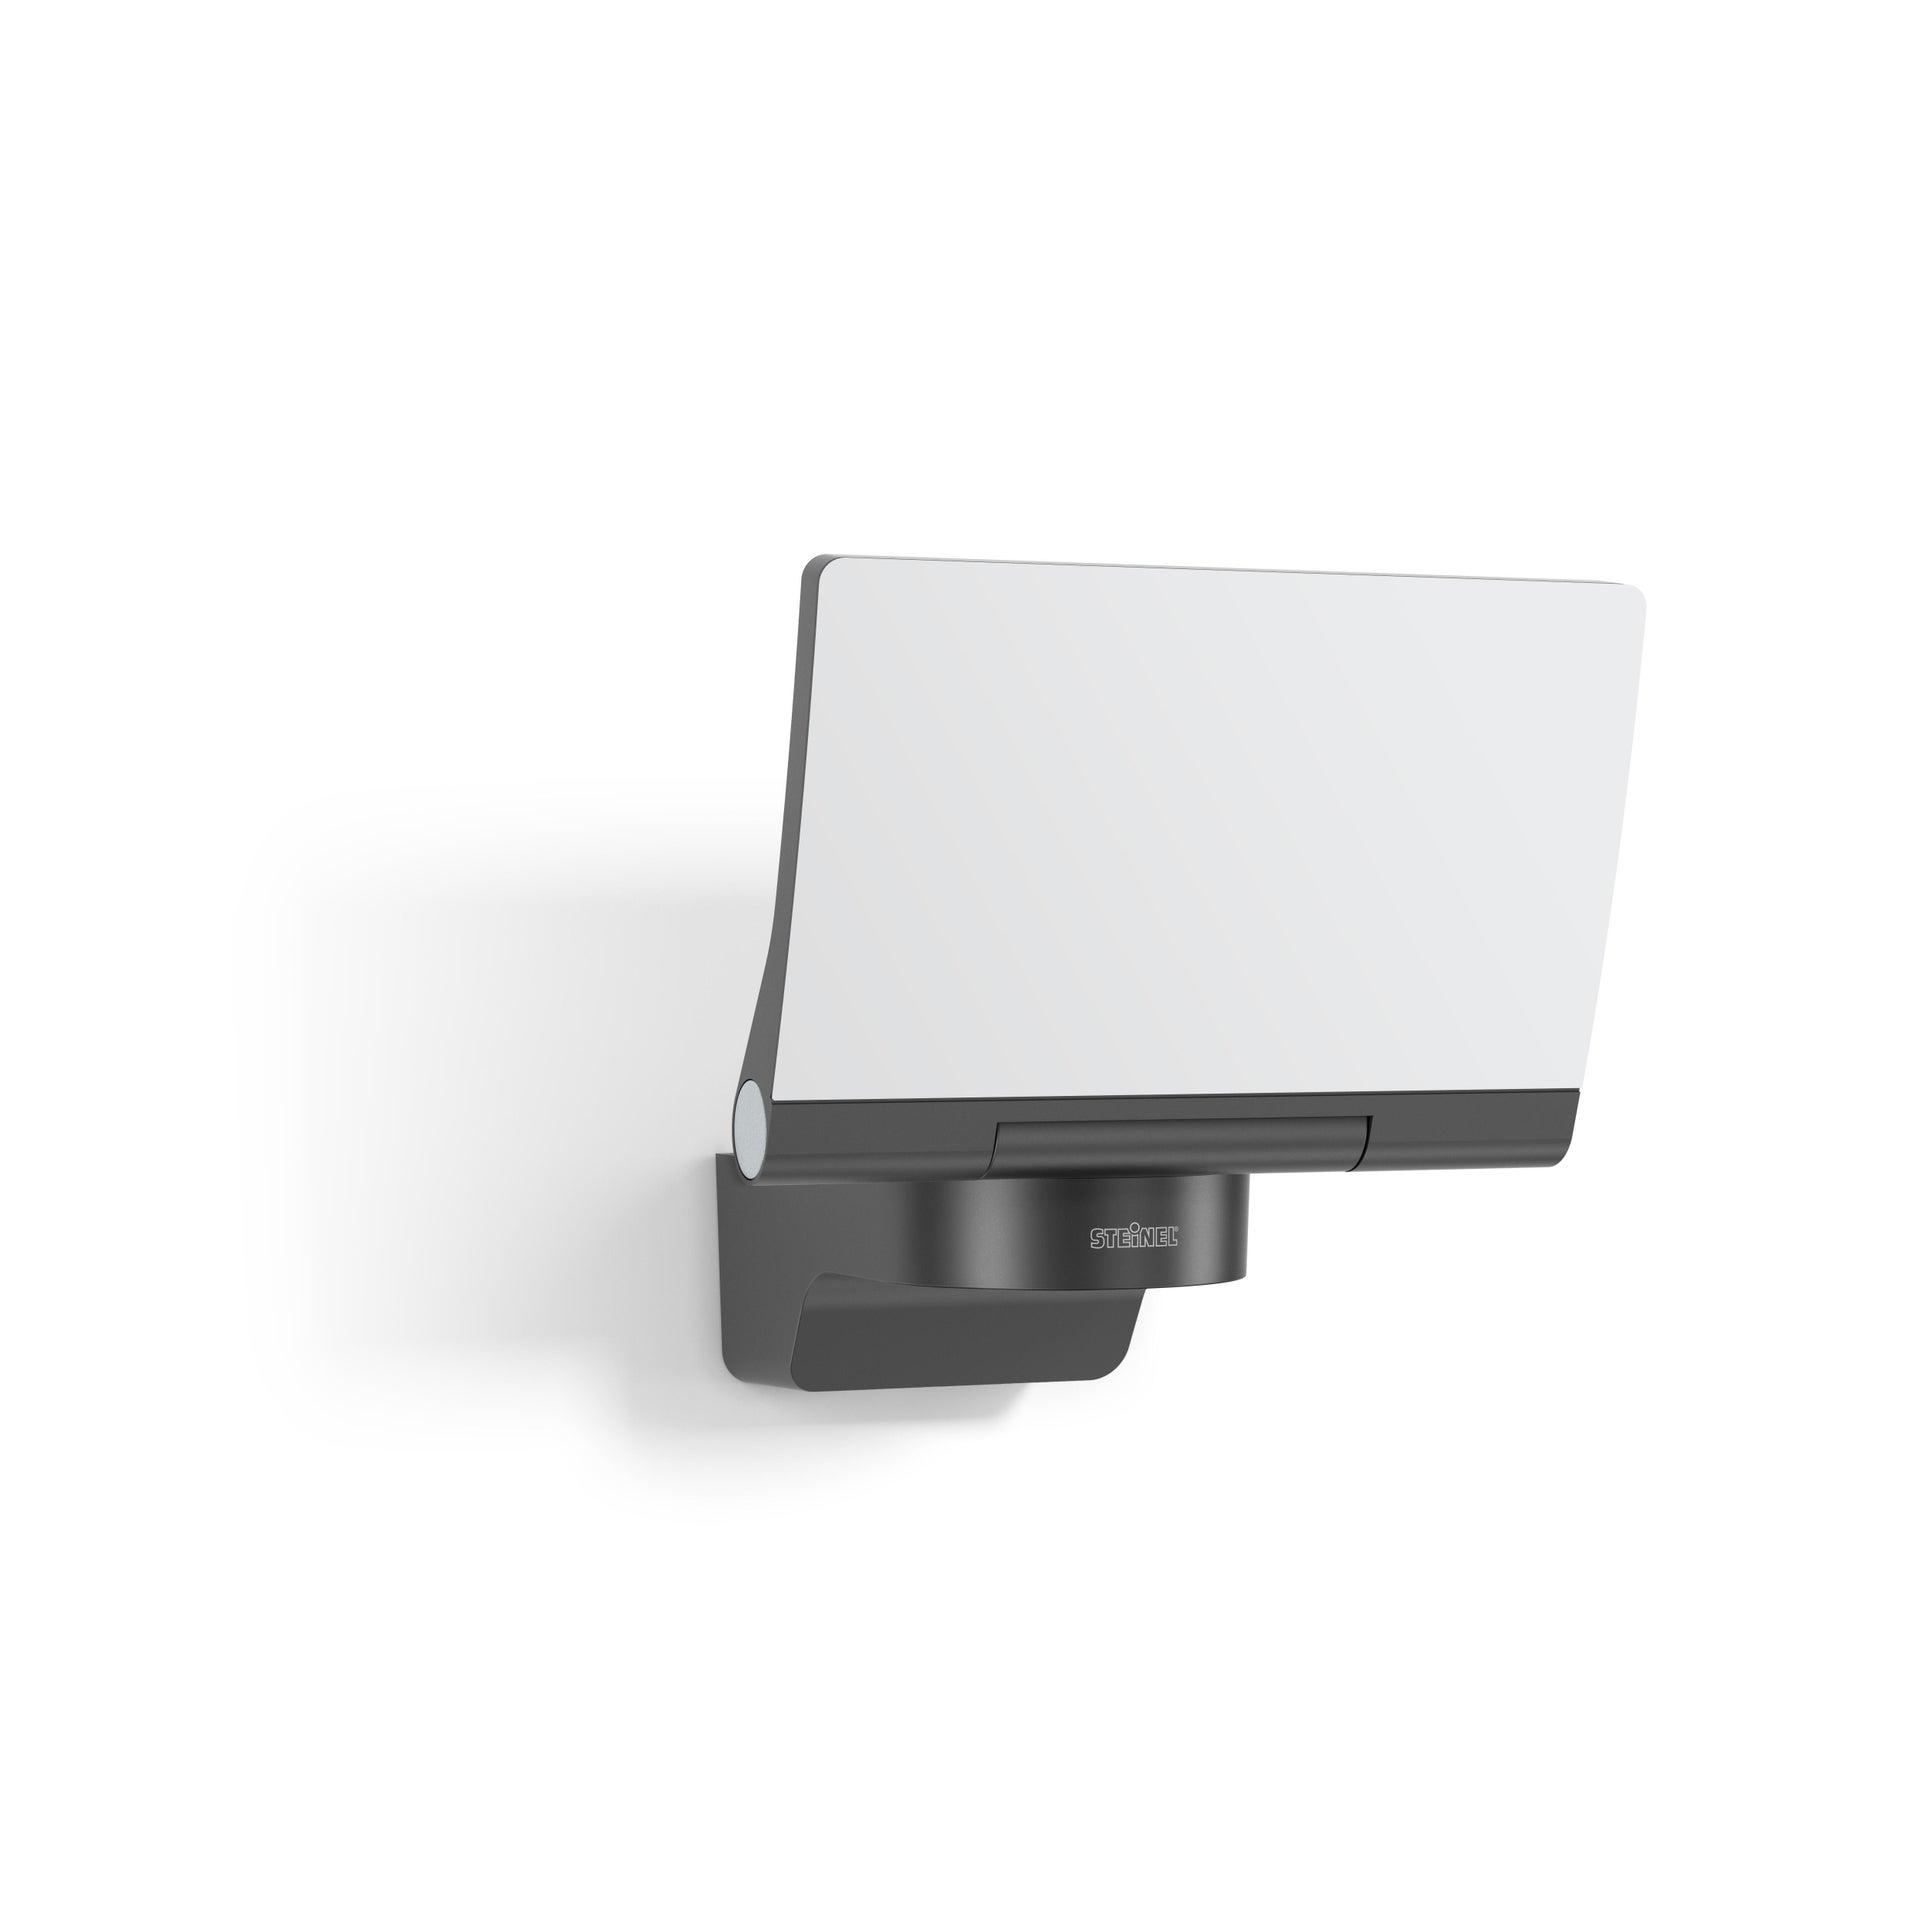 Proiettore LED integrato Xled home 2 sl in plastica, nero, 13W 1184LM IP44 STEINEL - 3